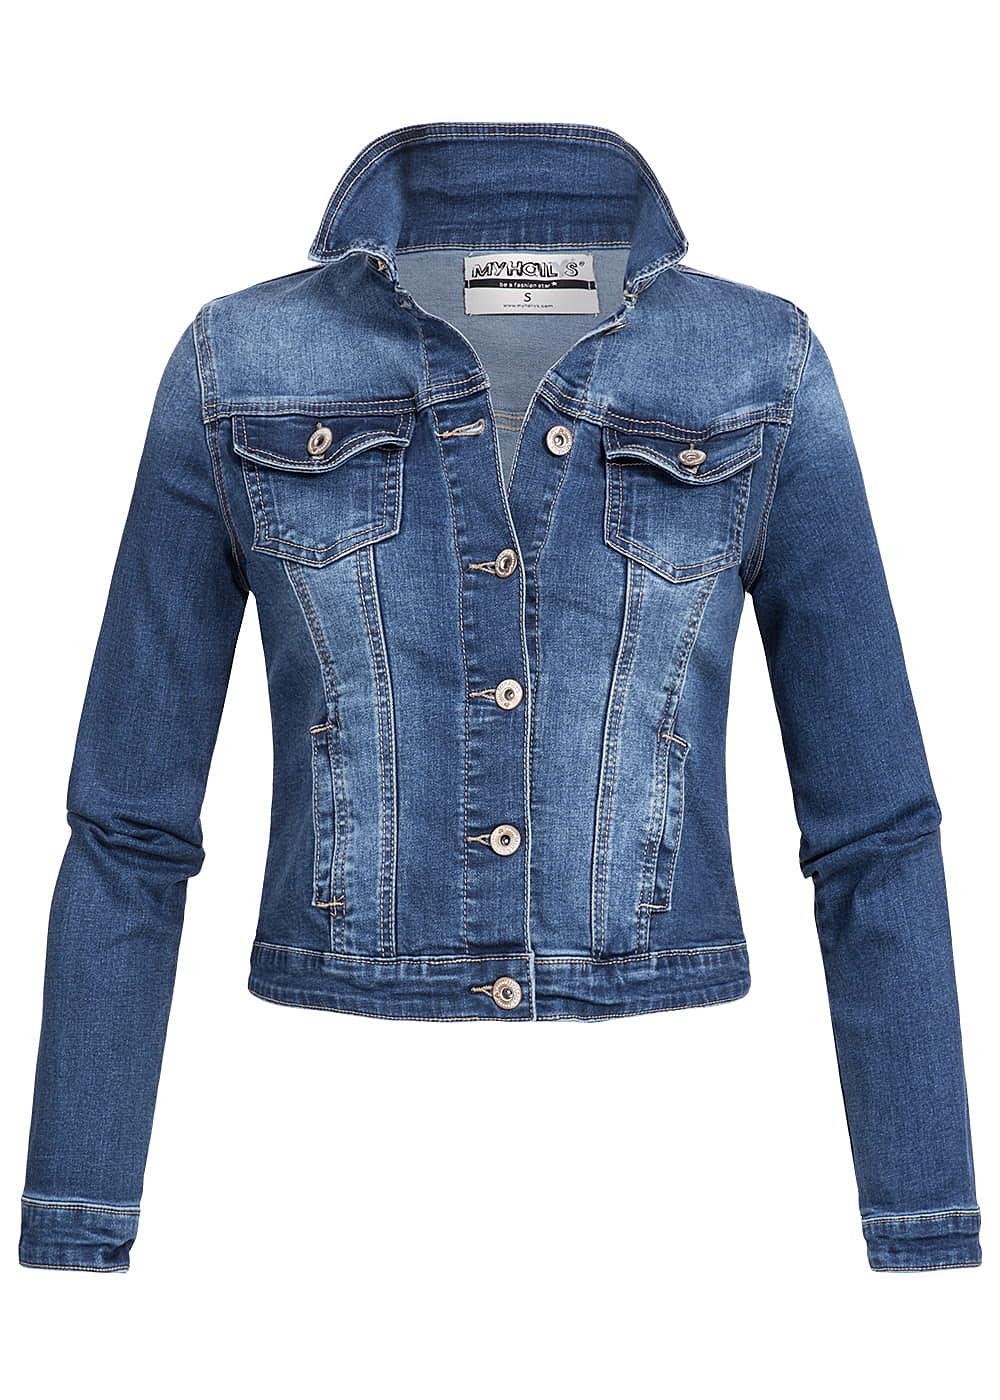 hailys damen jeans jacke 2 brusttaschen kurzer schnitt 2 taschen medium blau denim 77onlineshop. Black Bedroom Furniture Sets. Home Design Ideas